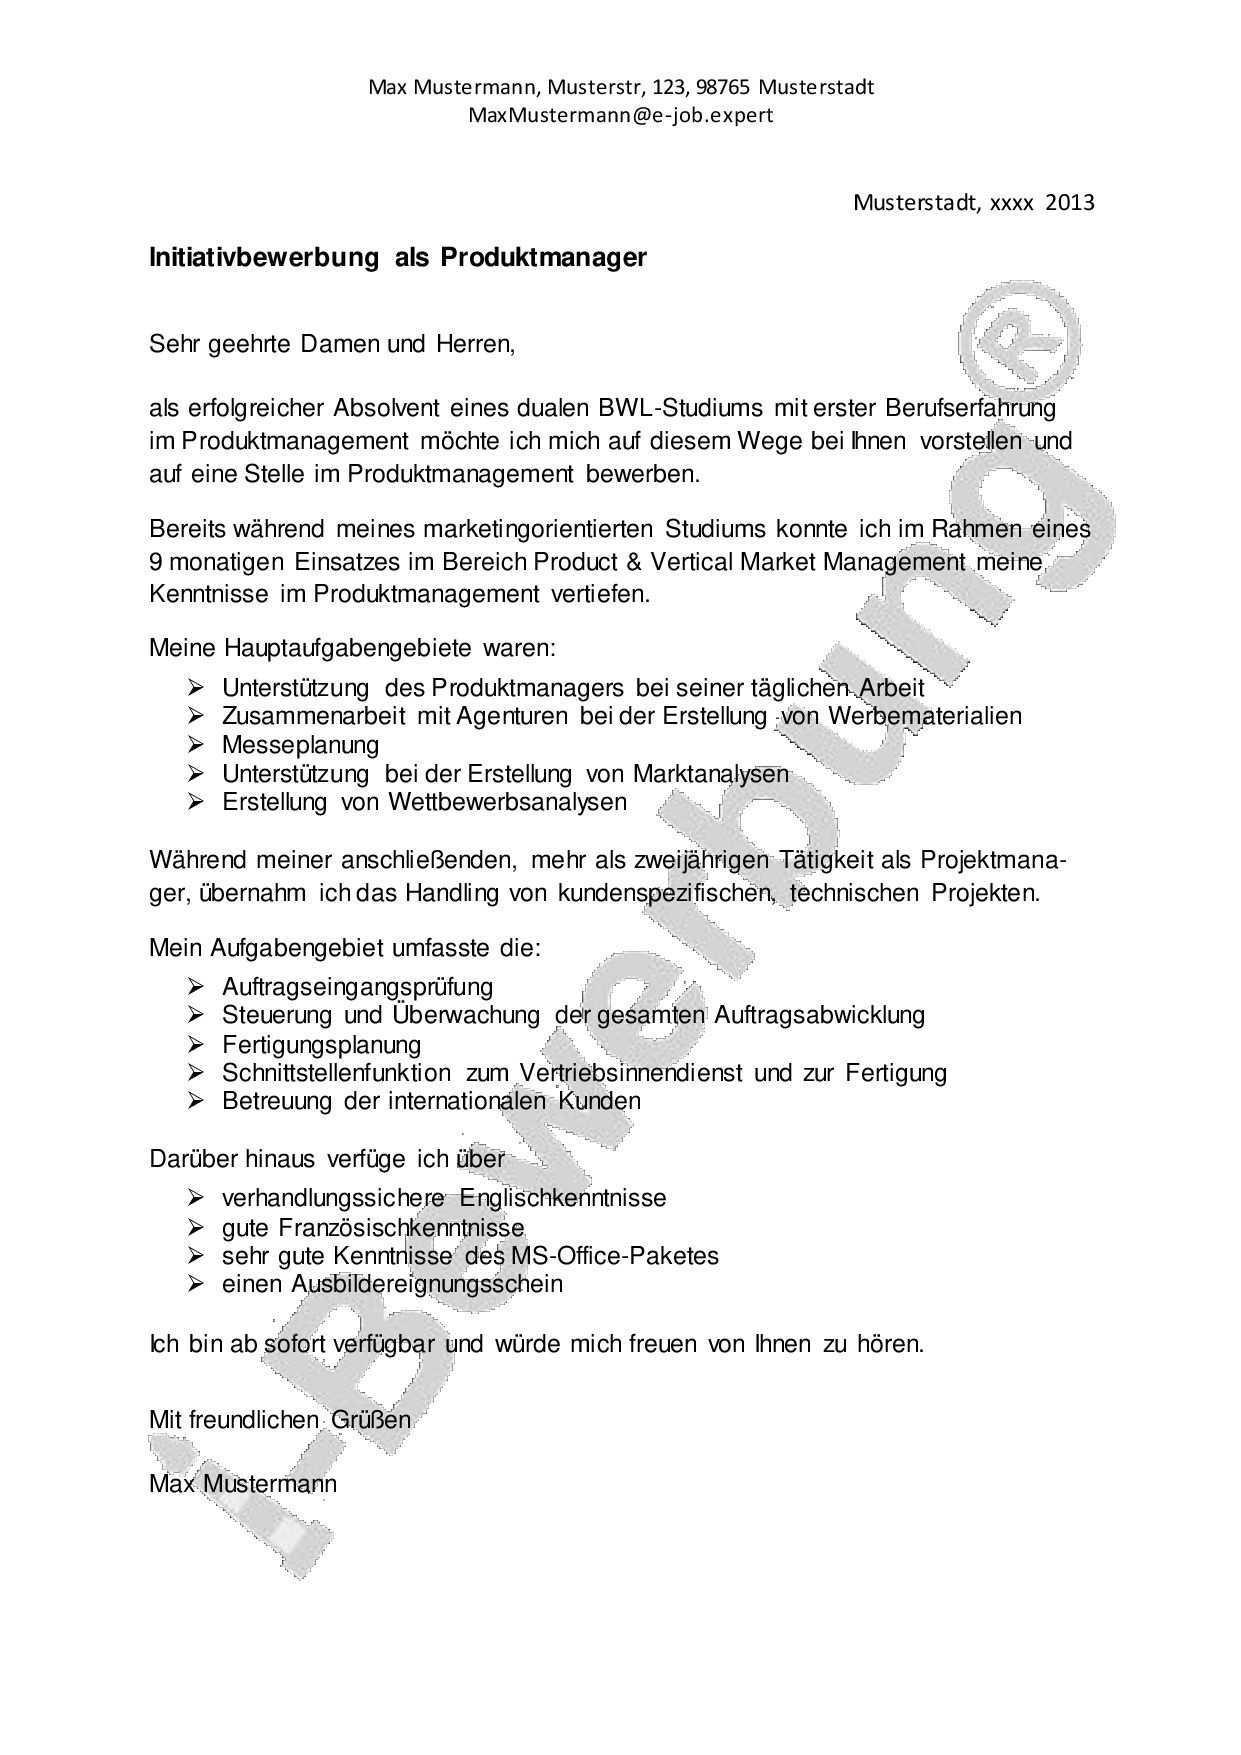 Vorlage Anschreiben Zur Initiativbewerbung Als Produktmanager Bewerbung Anschreiben Bewerbung Schreiben